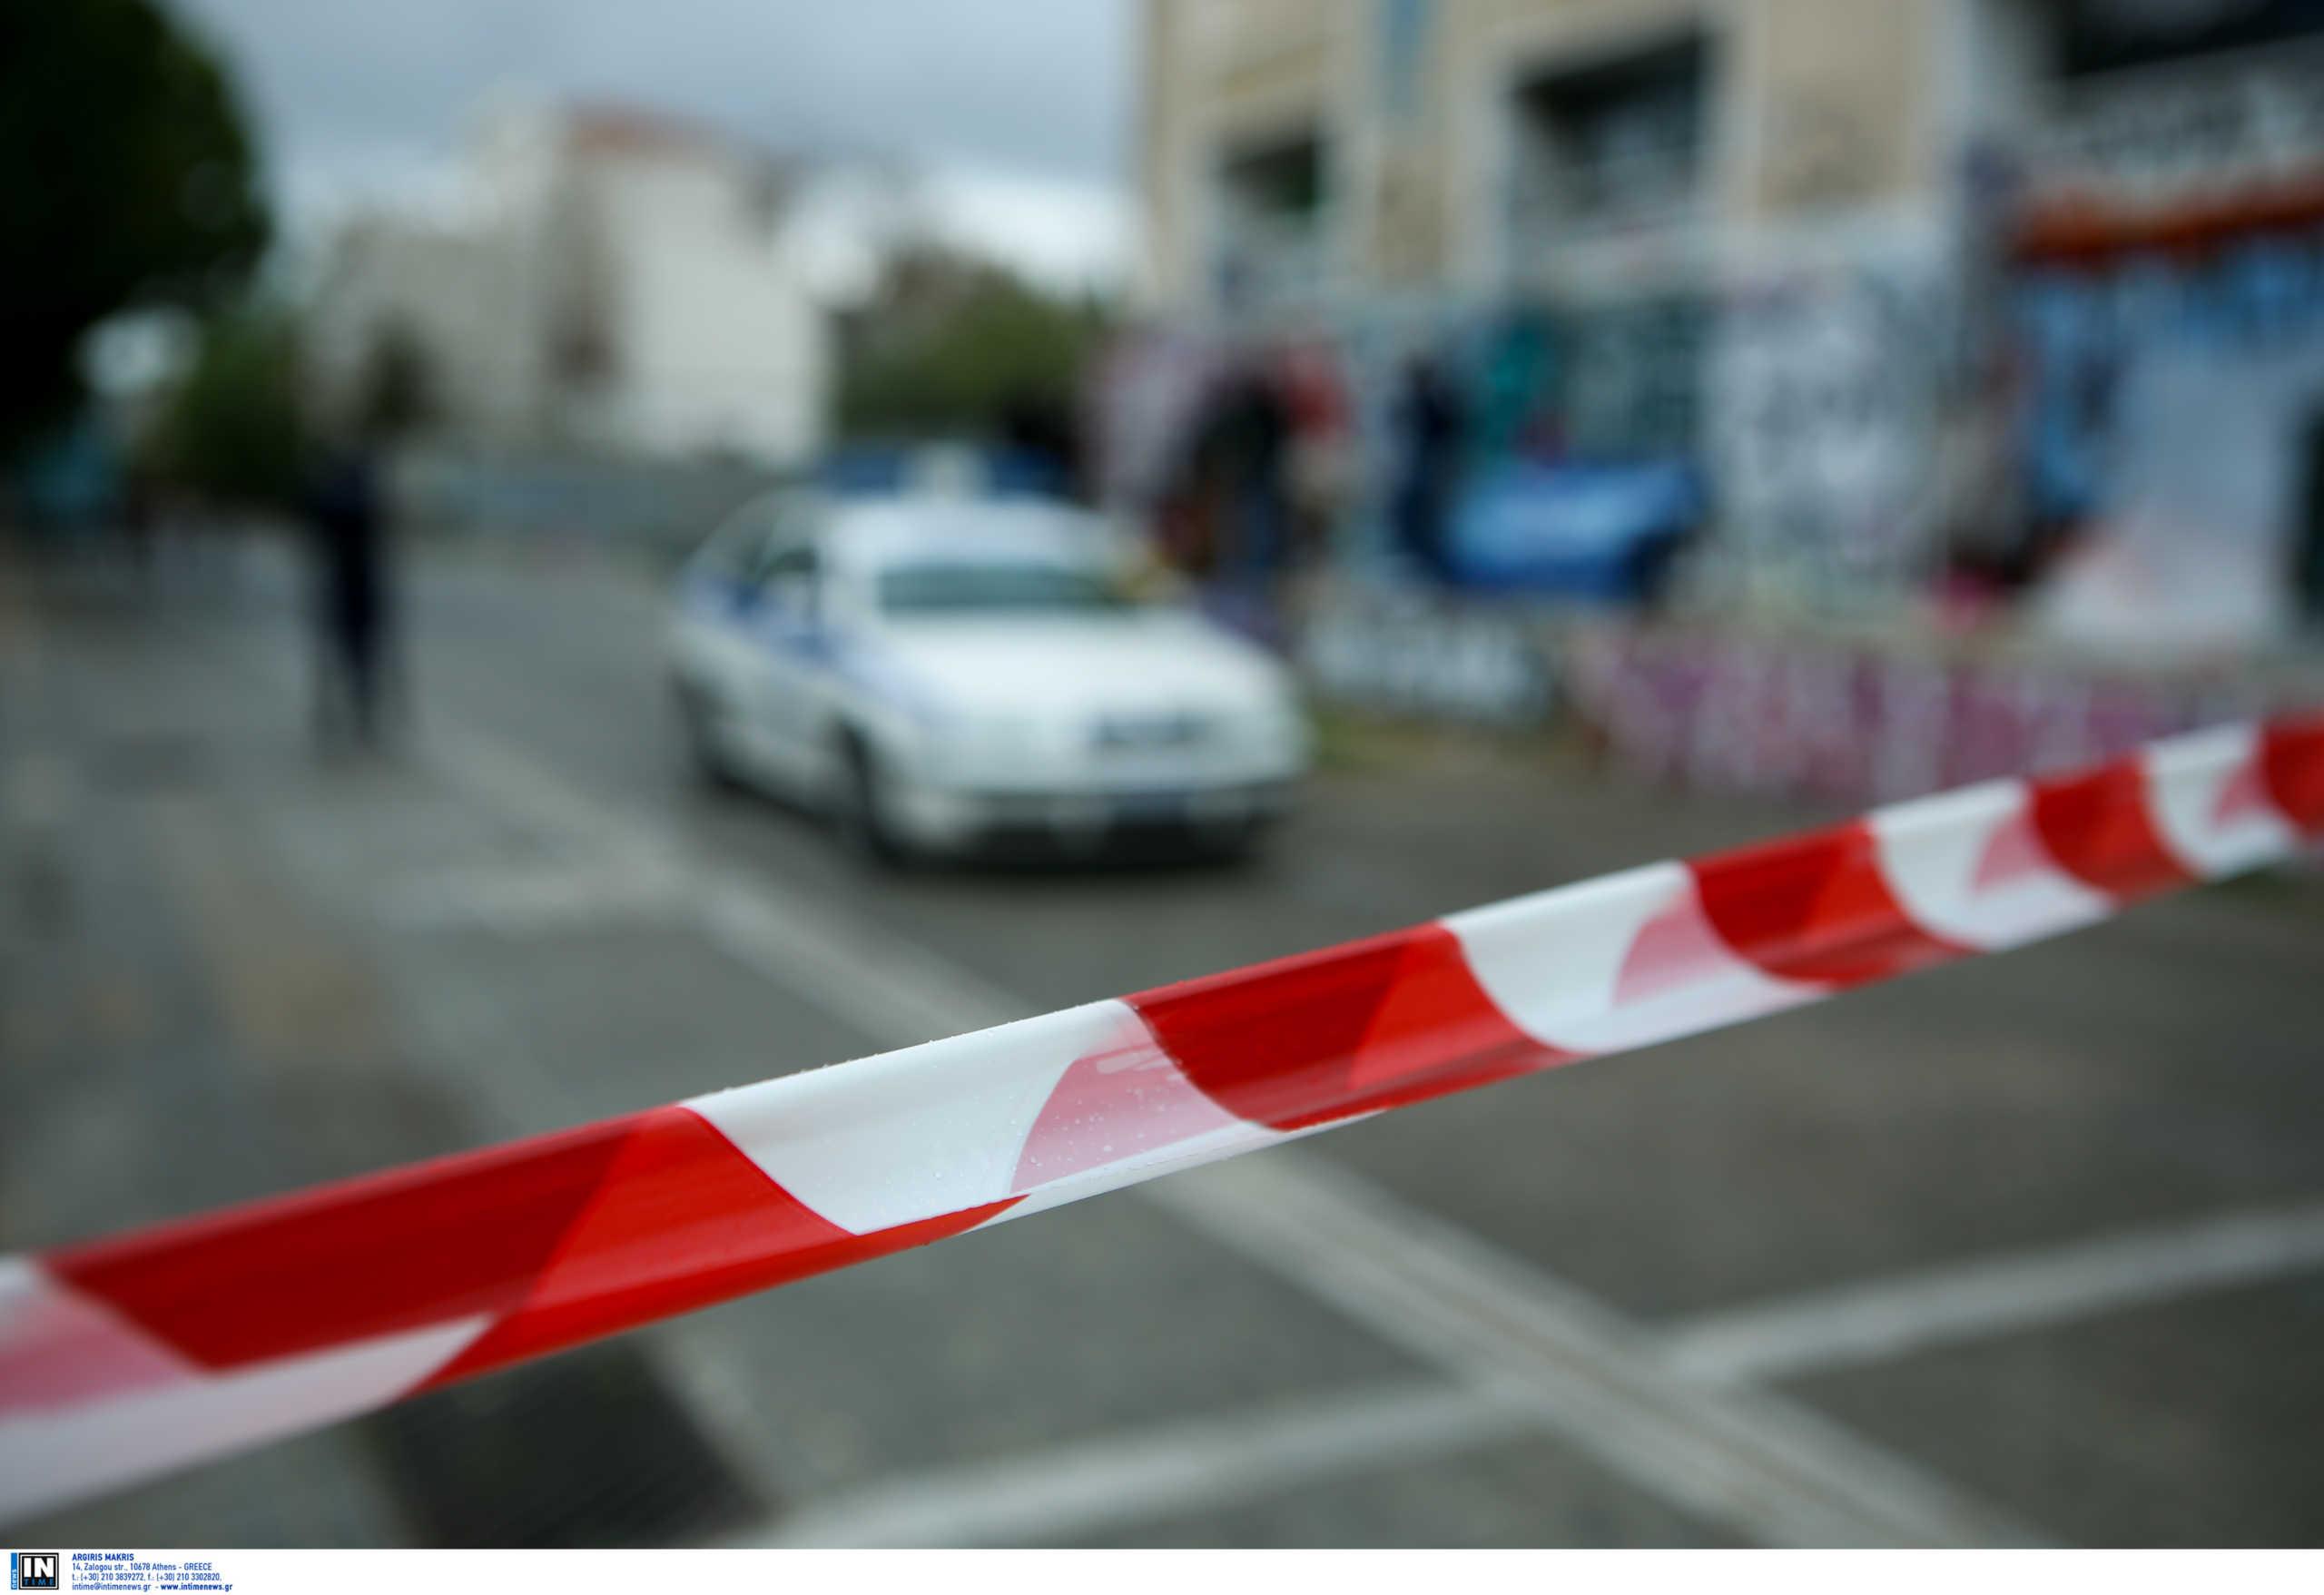 Κρήτη: Αιματηρή συμπλοκή μέσα σε σπίτι! Μπήκαν μέσα και πλακώθηκαν με ξύλα και μαχαίρια